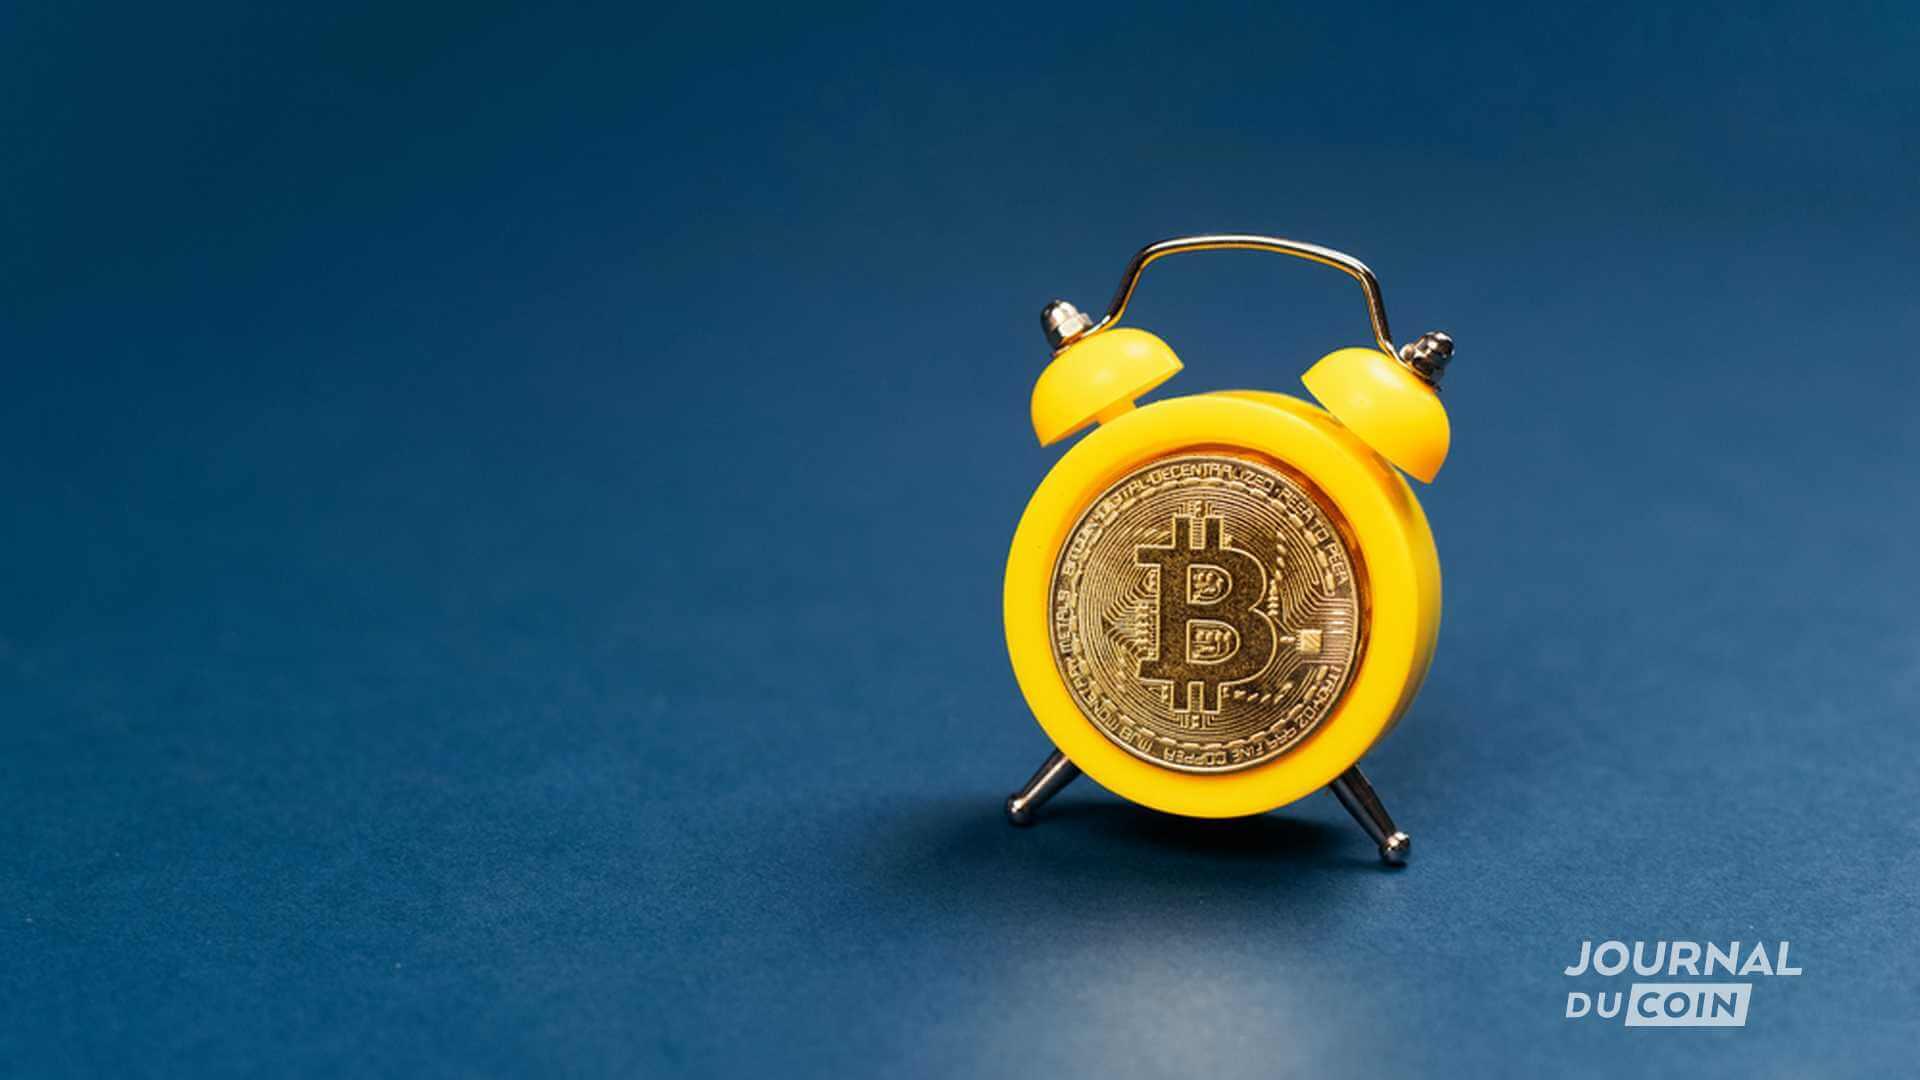 La Minute régulation Bitcoin et crypto (le retour) : Russie, Corée du Sud et Inde